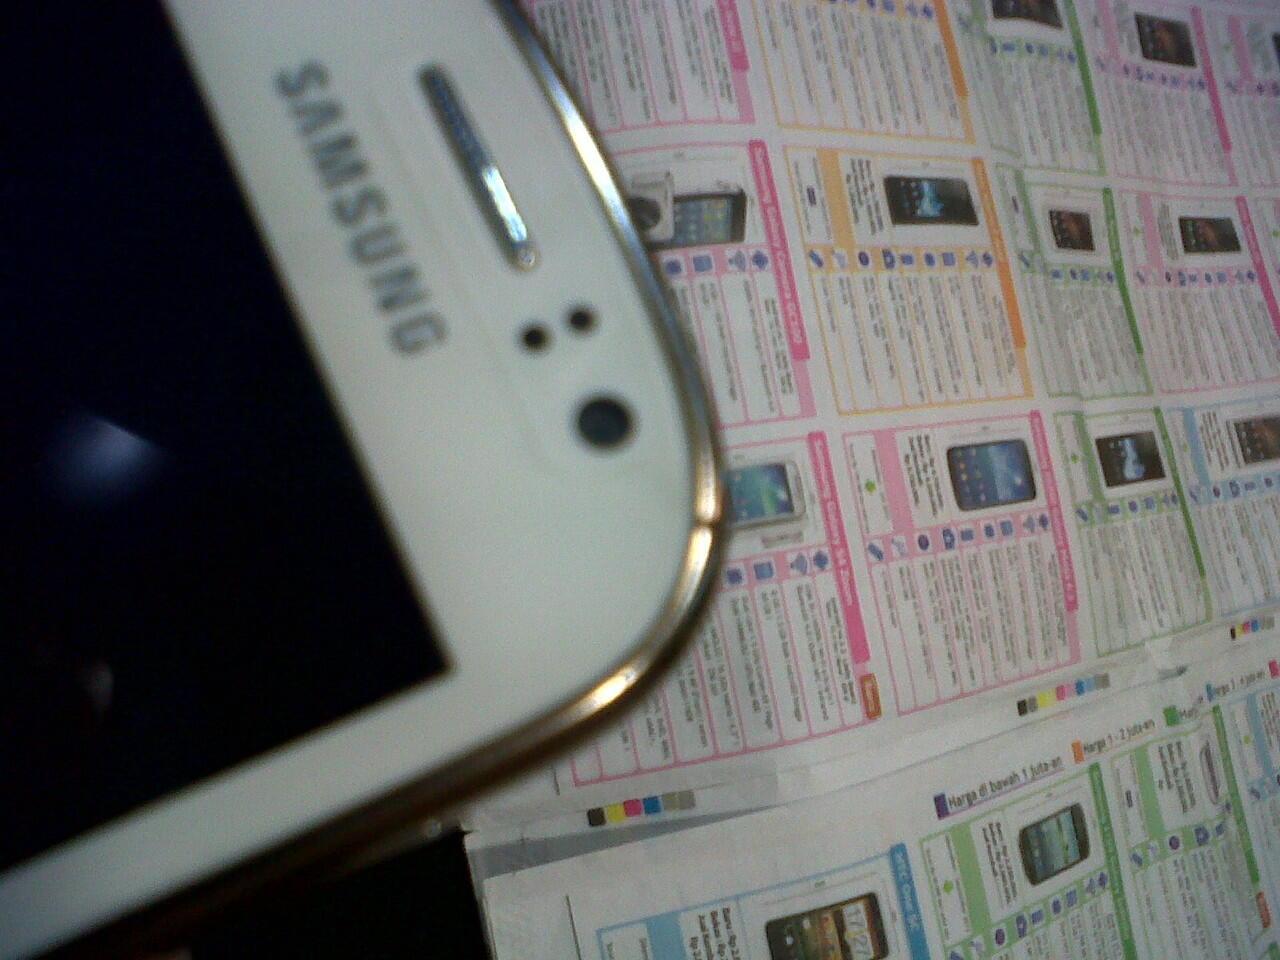 Samsung Galxy Fame masih garansi